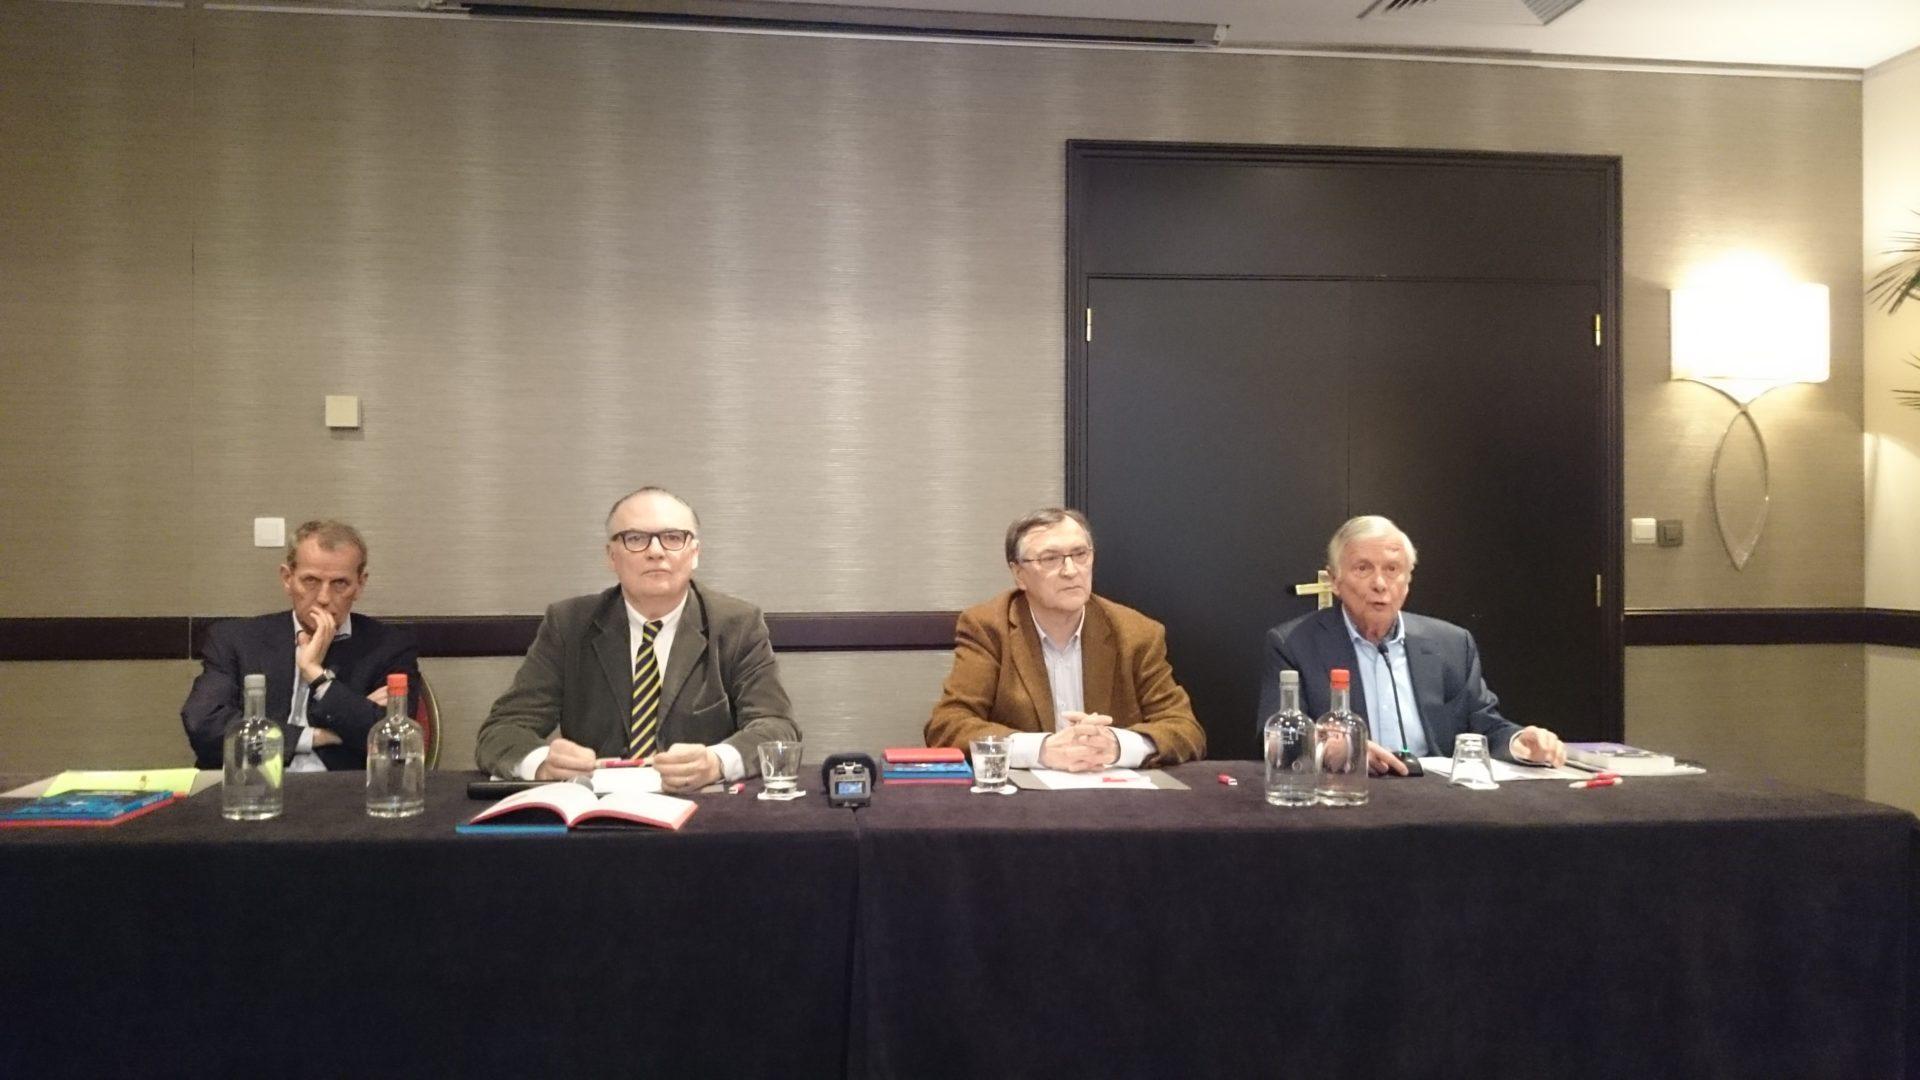 Éric Branca et Michel Marmin lors d'une conférence donnée au Cercle Pol Vandromme à Bruxelles.